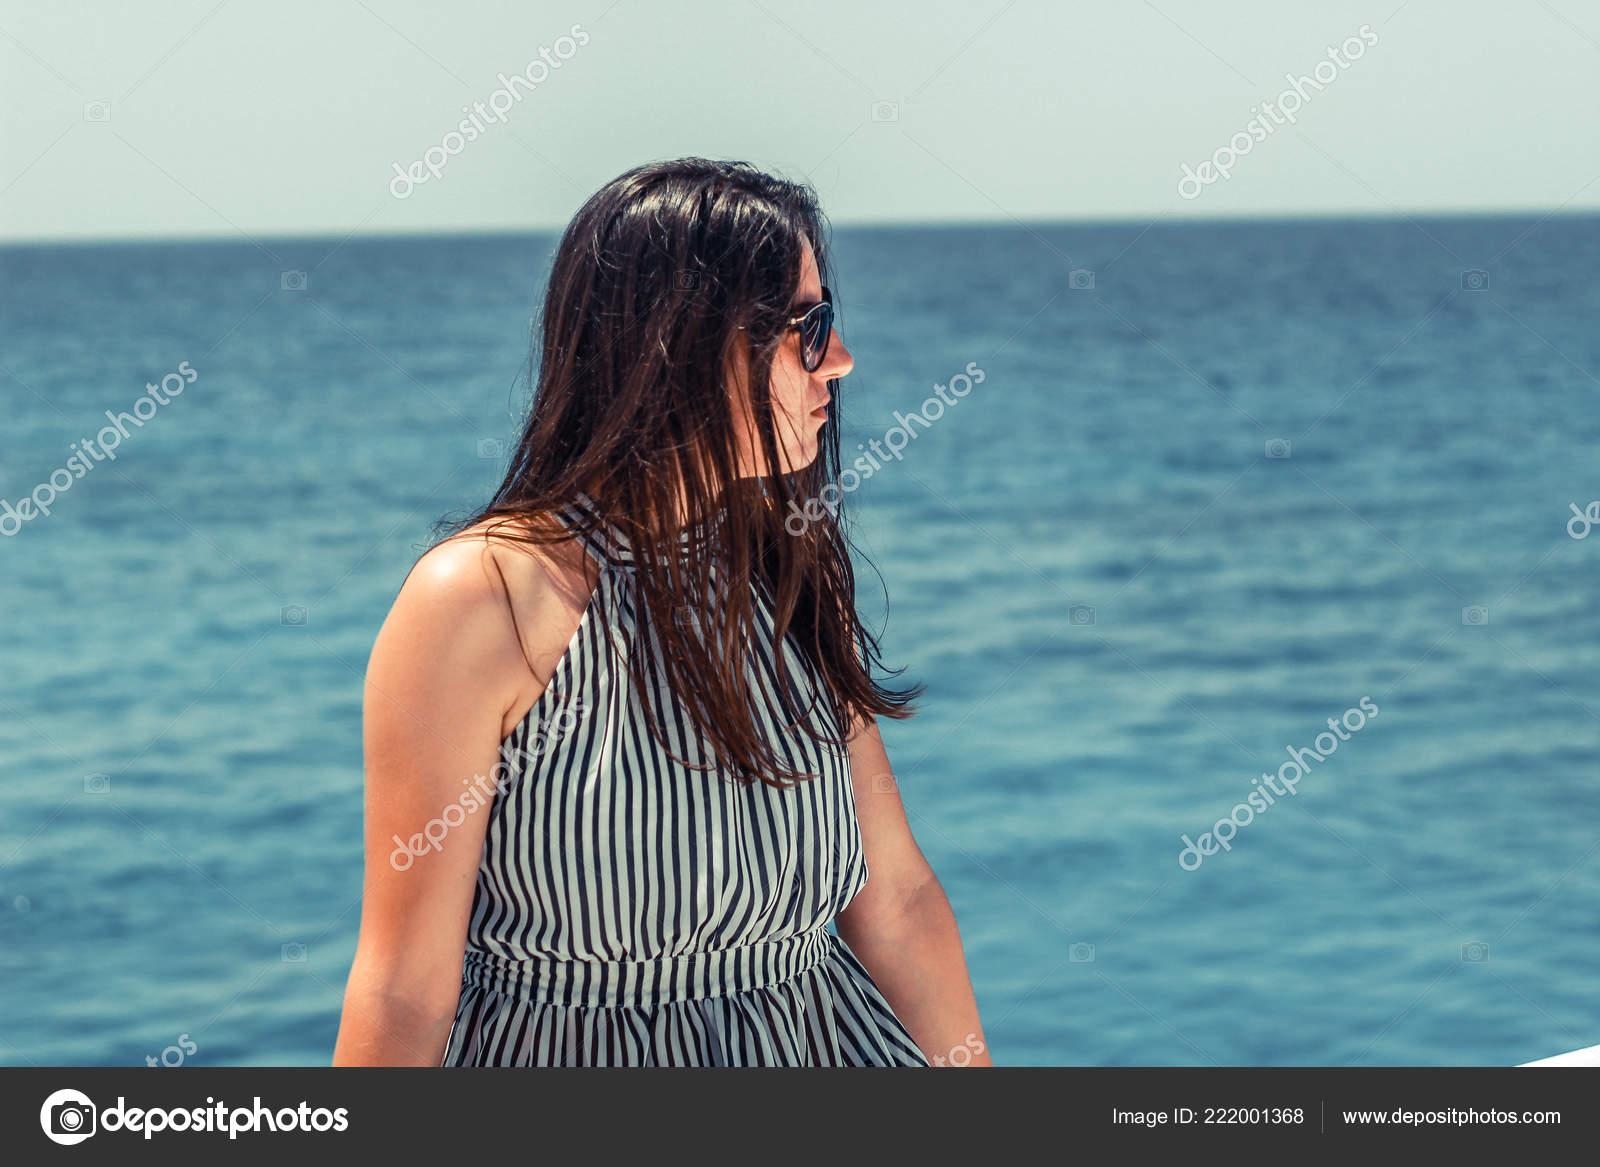 Черно белые фотографии девушек в мокрой одежде, блондинке сделали кунилингус